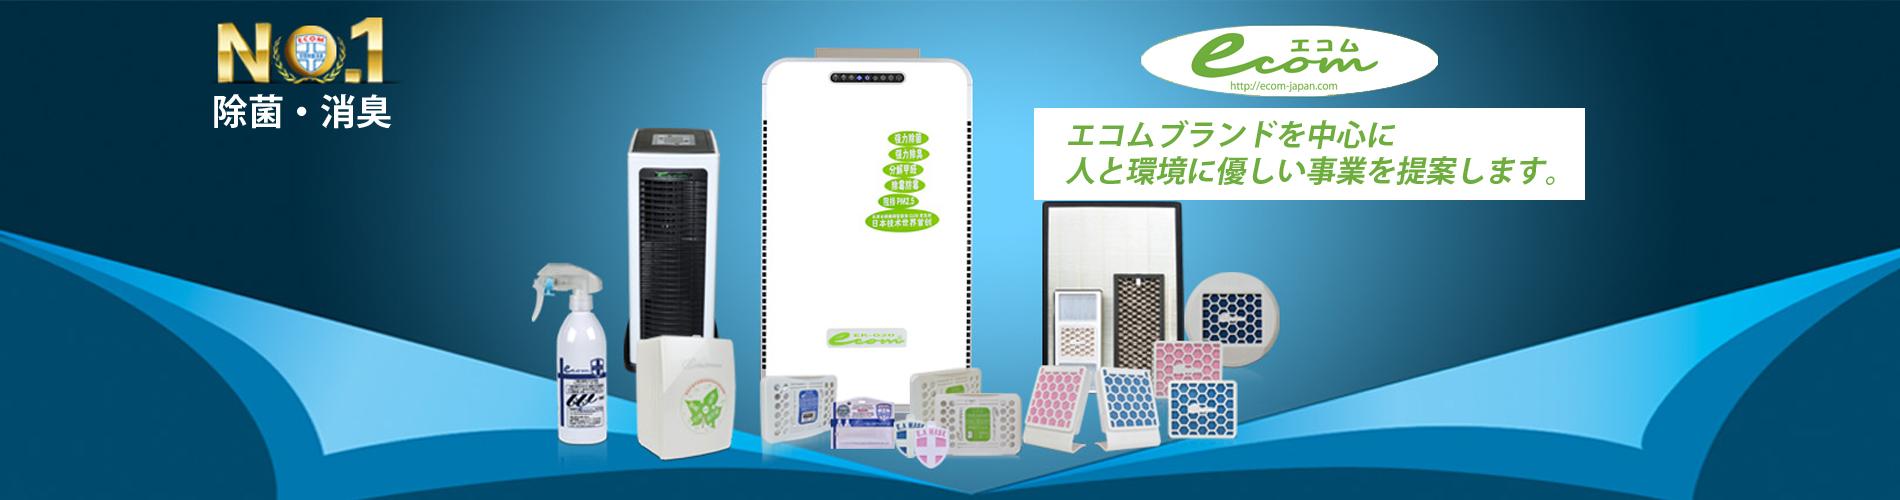 新光株式会社|エコム公式ホームページ